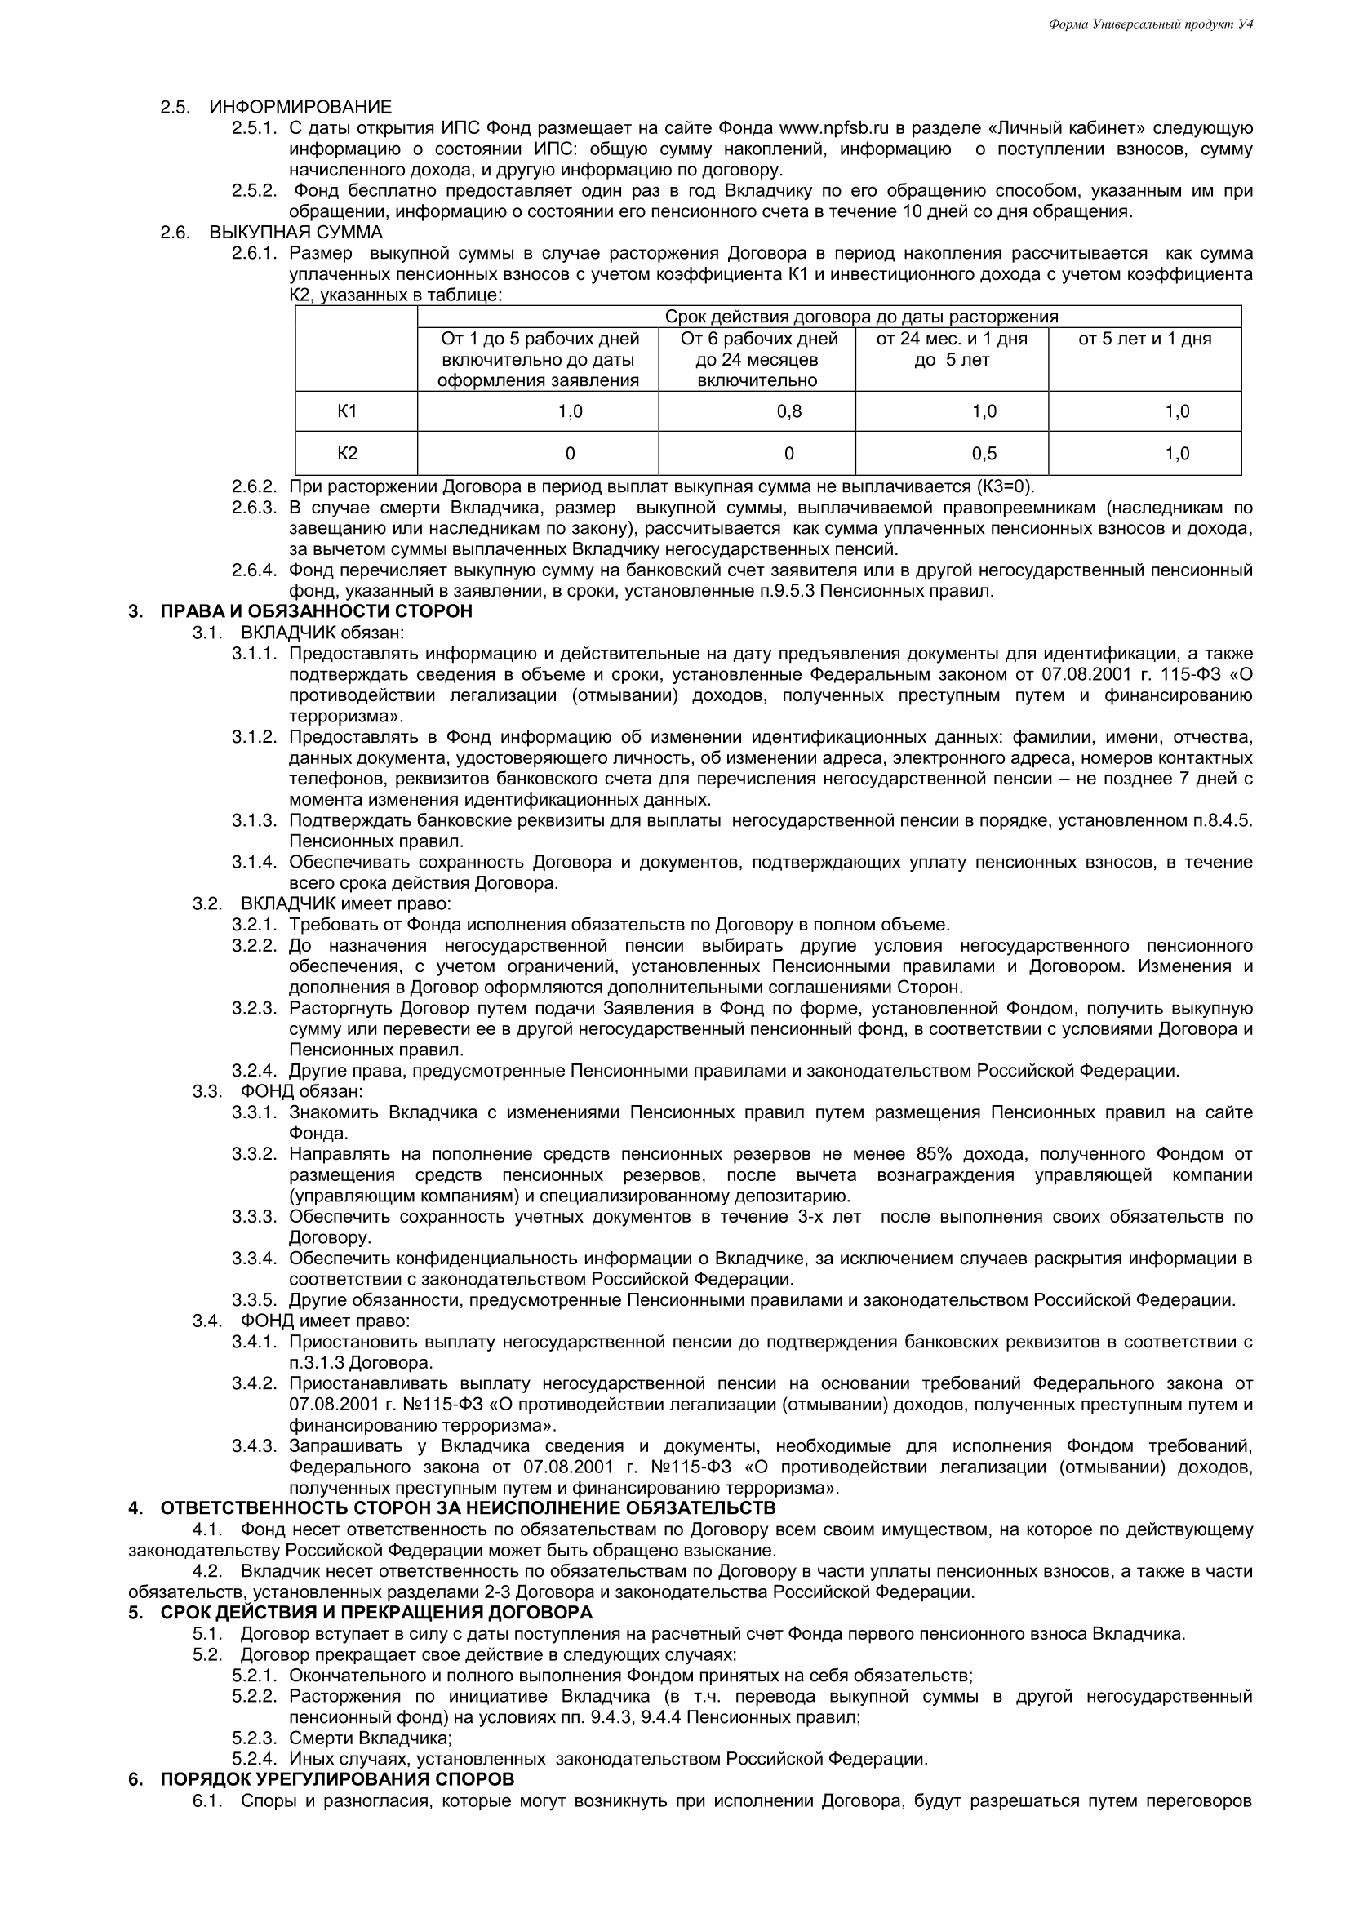 Договор негосударственного пенсионного обеспечения НПФ Сбербанка